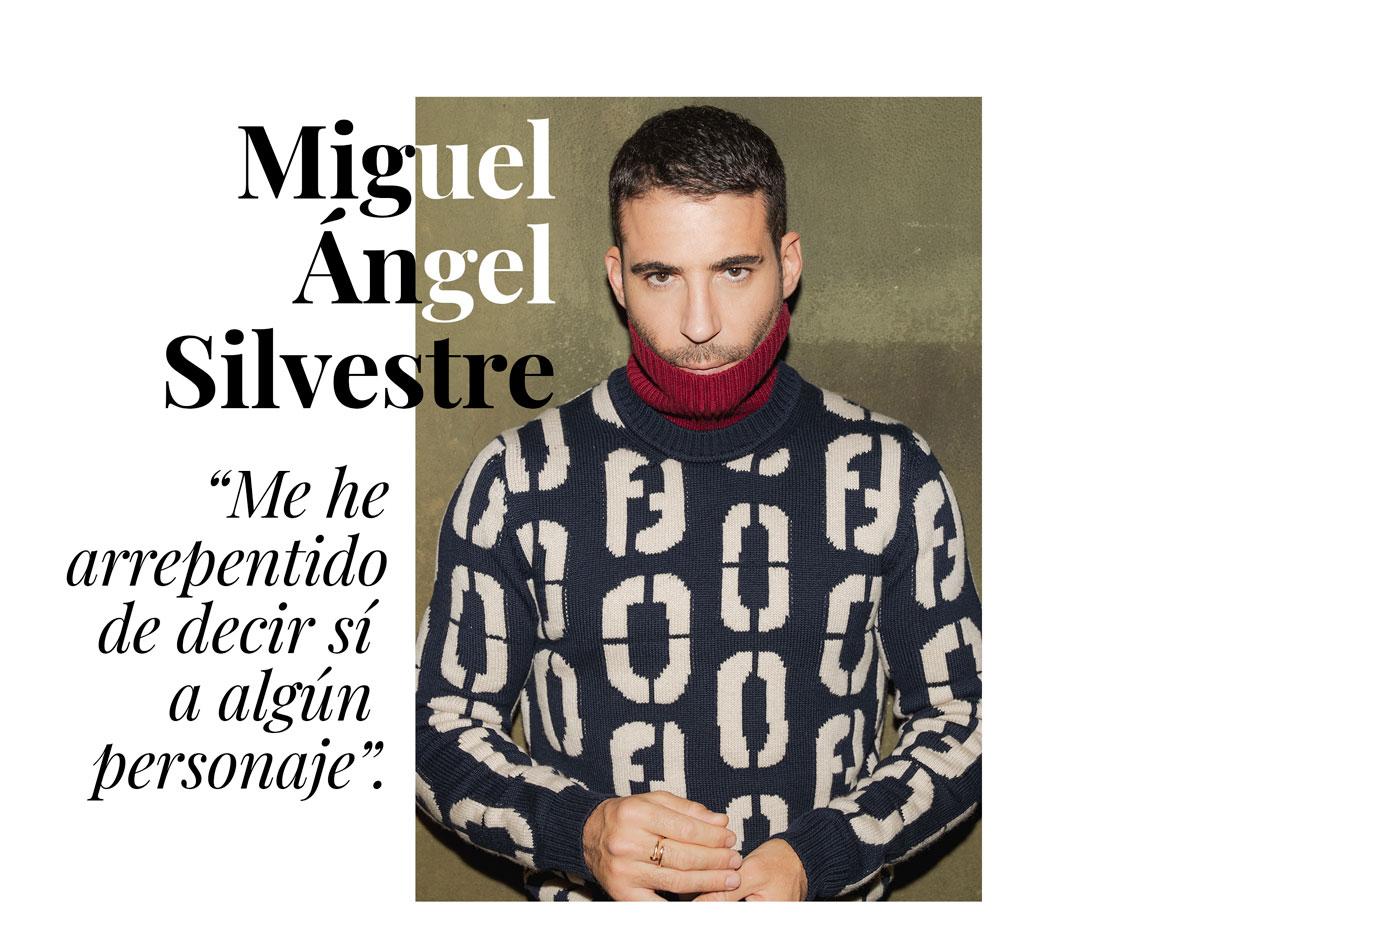 miguel-angel-silvestre-entrevista-30-monedas-hbo